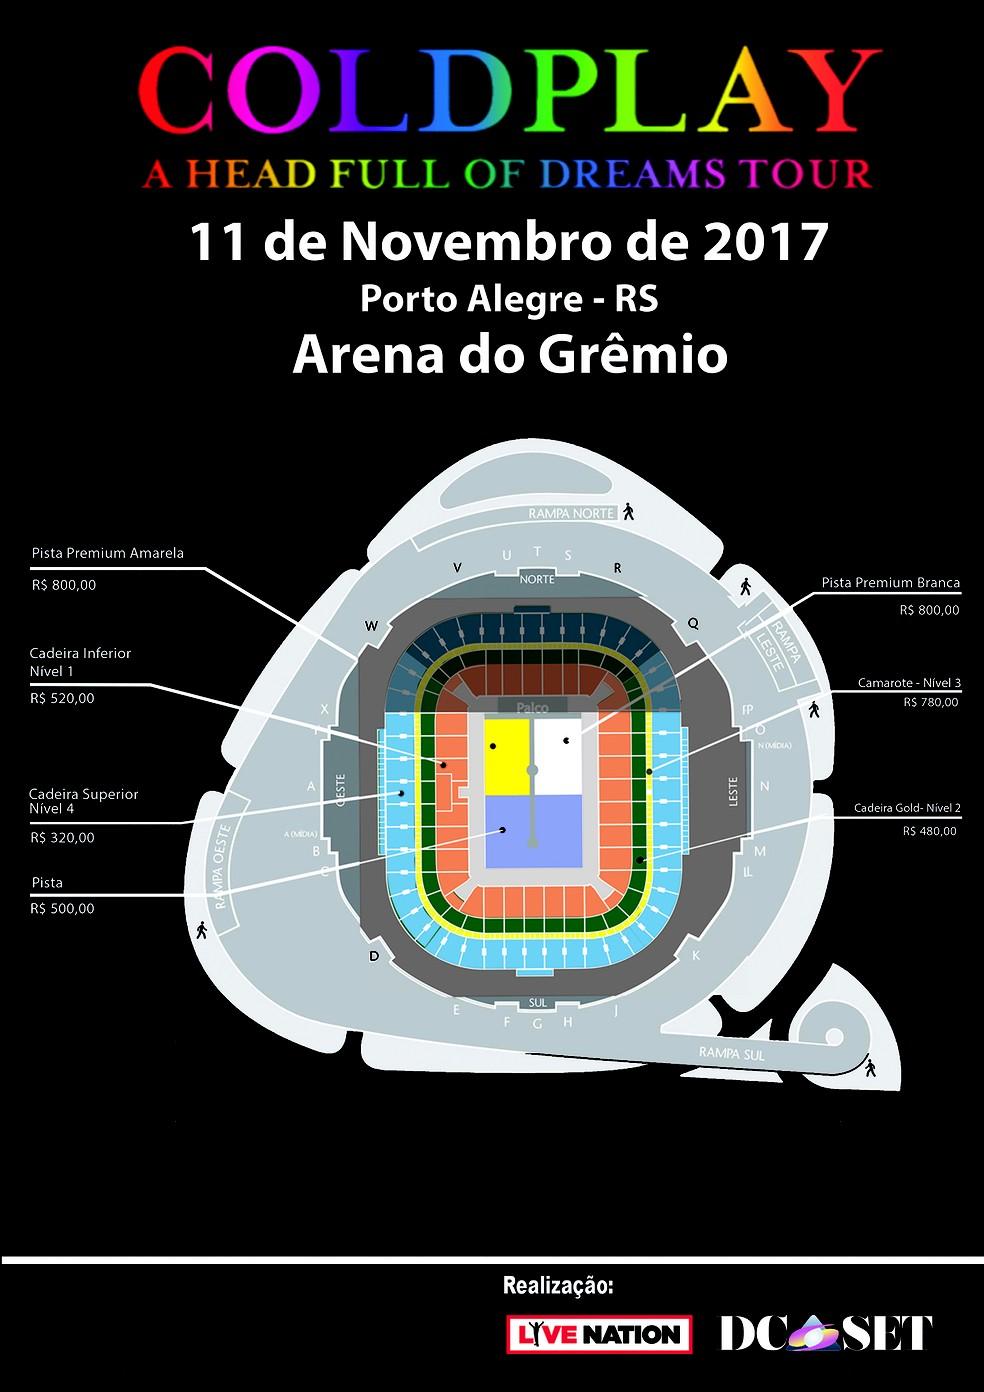 Mapa da Arena do Grêmio para show do Coldplay em Porto Alegre em novembro de 2017 (Foto: Divulgação)